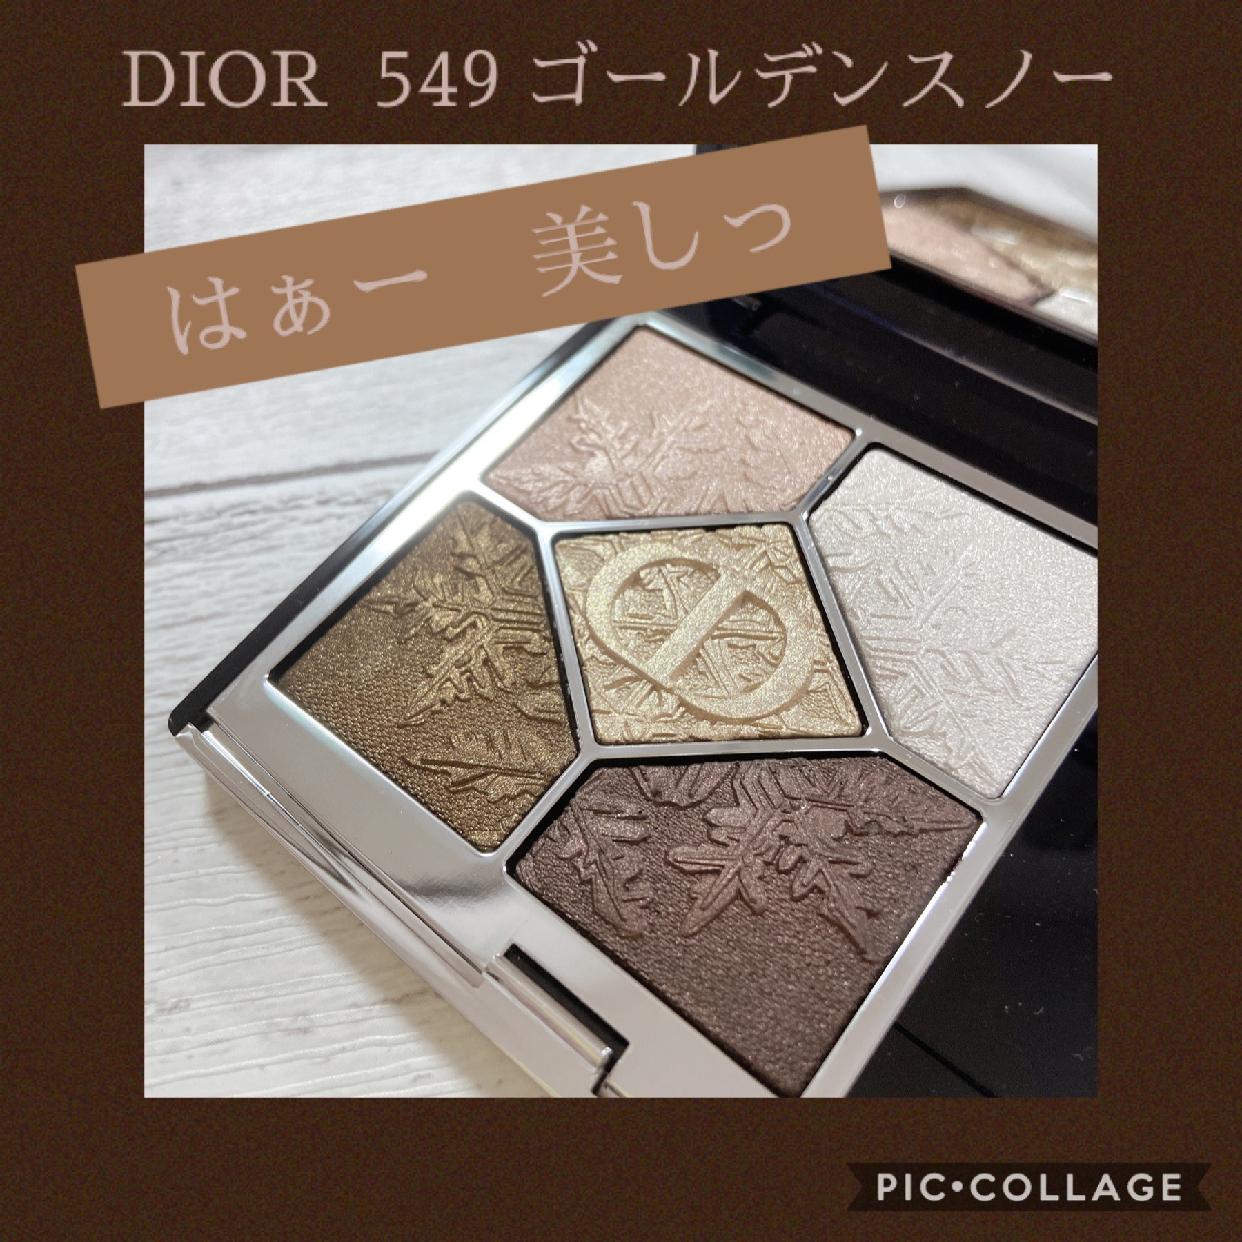 Dior(ディオール) サンク クルール クチュールを使ったなみさんのクチコミ画像